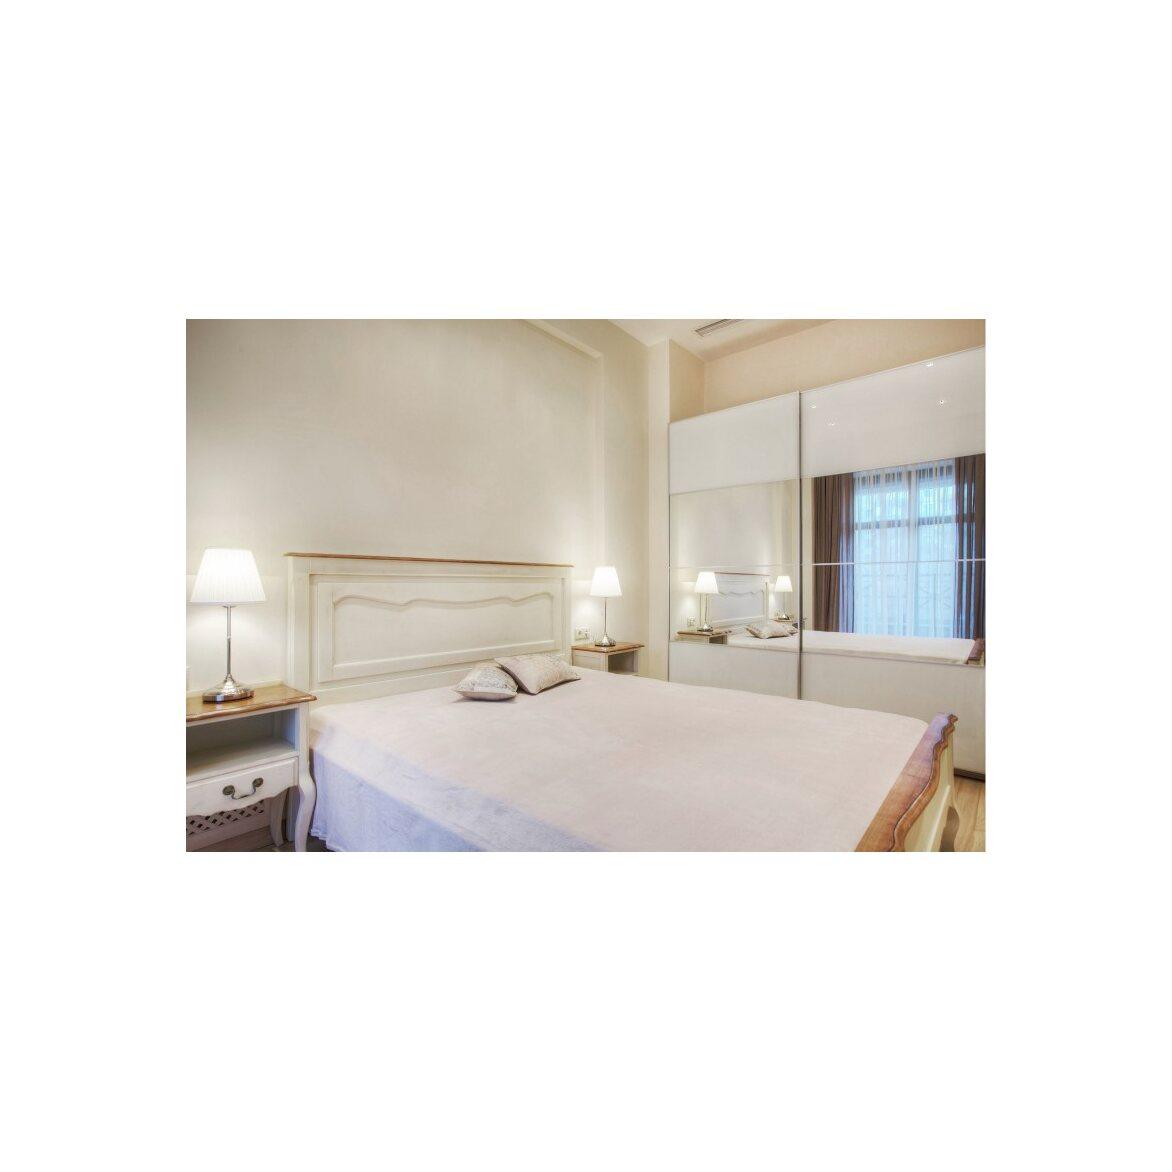 Кровать двуспальная 160*200 Leontina, бежевого цвета 4   Двуспальные кровати Kingsby